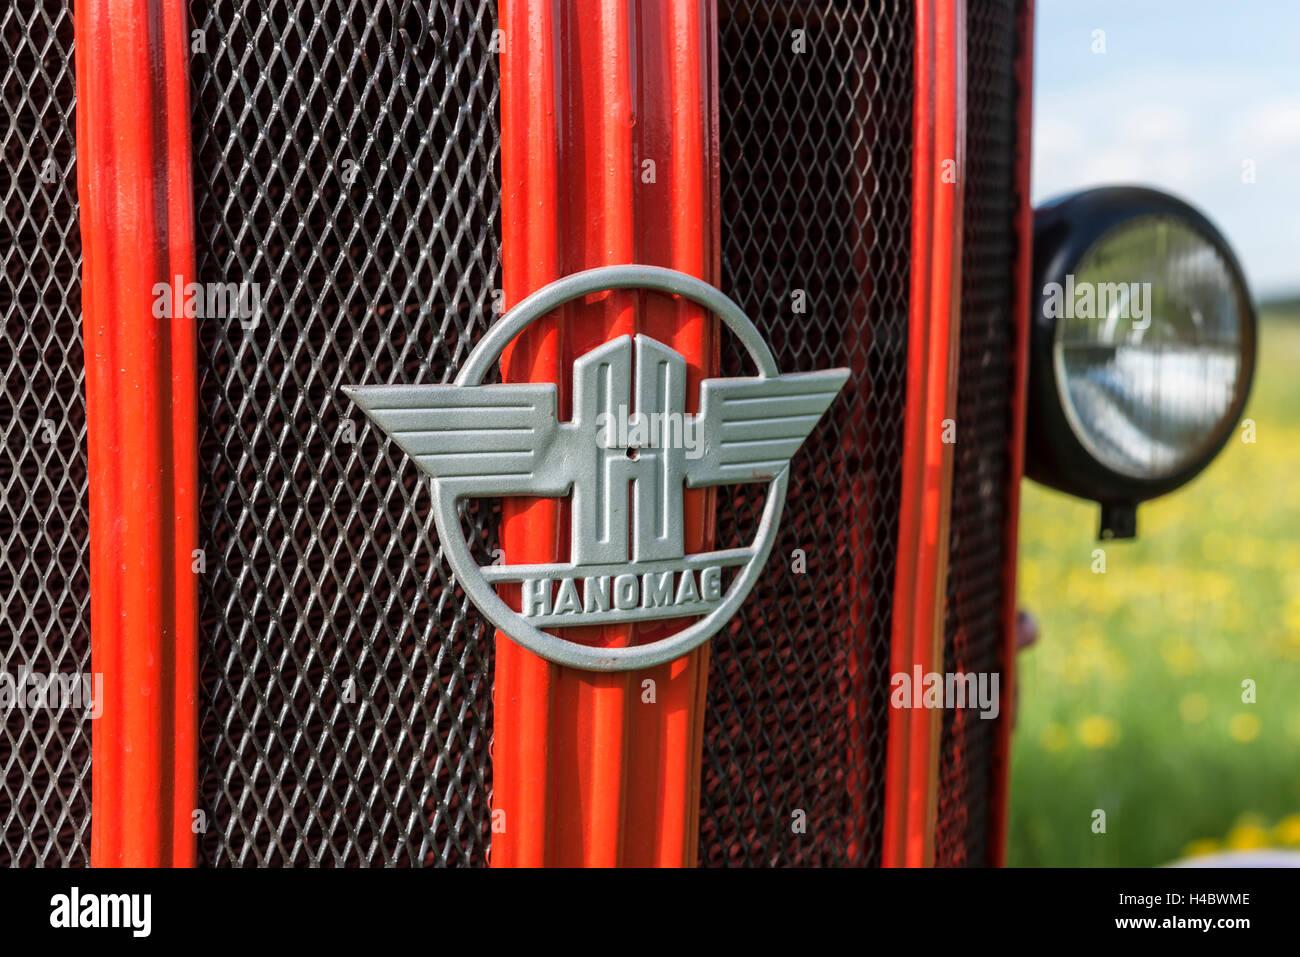 Hanomag R 217 Página, año de fabricación 1959, detalle Imagen De Stock